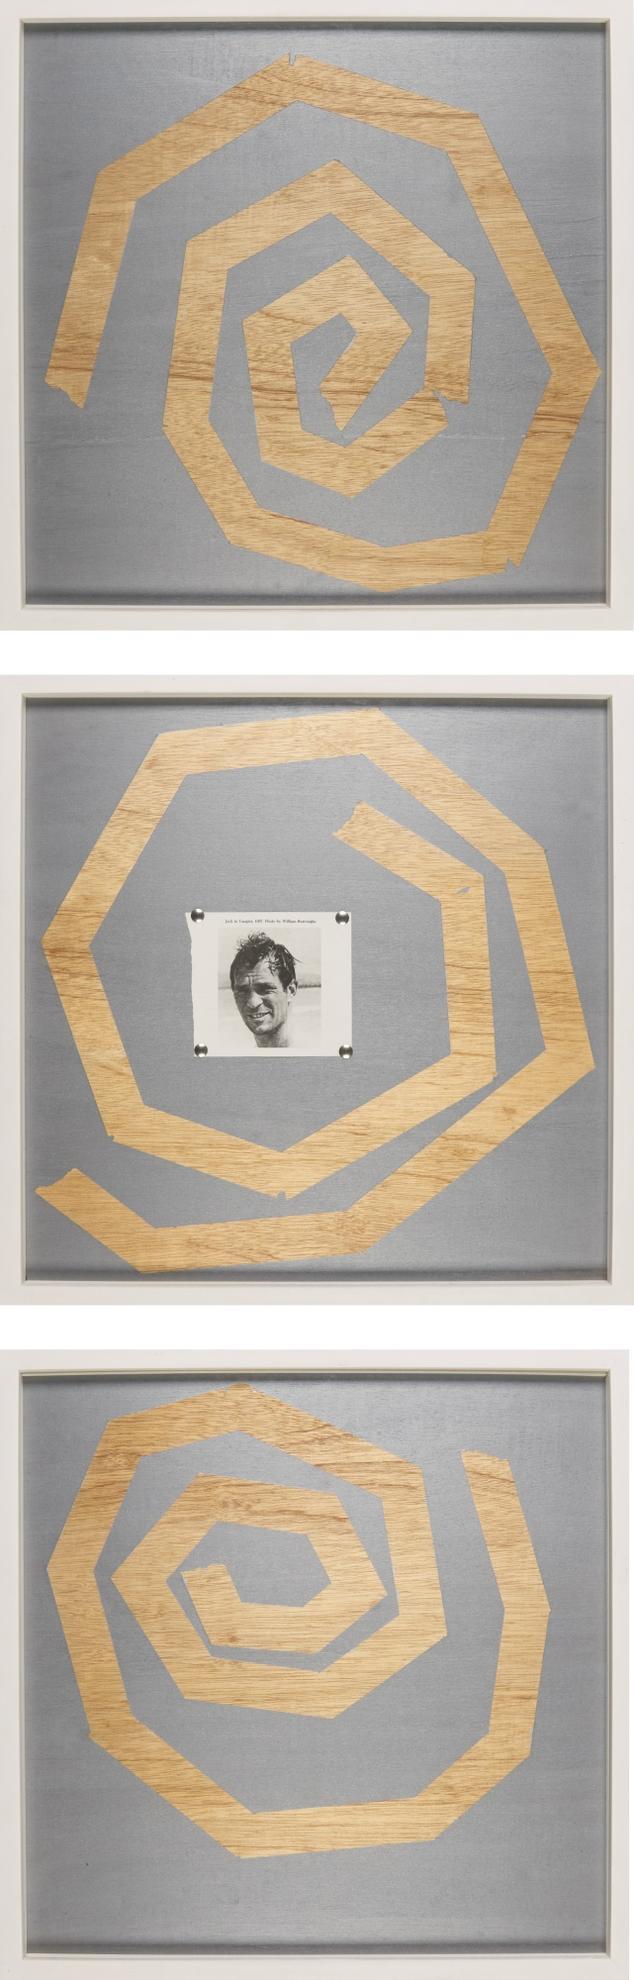 Tom Burr-Spiralling (Jack)-2006